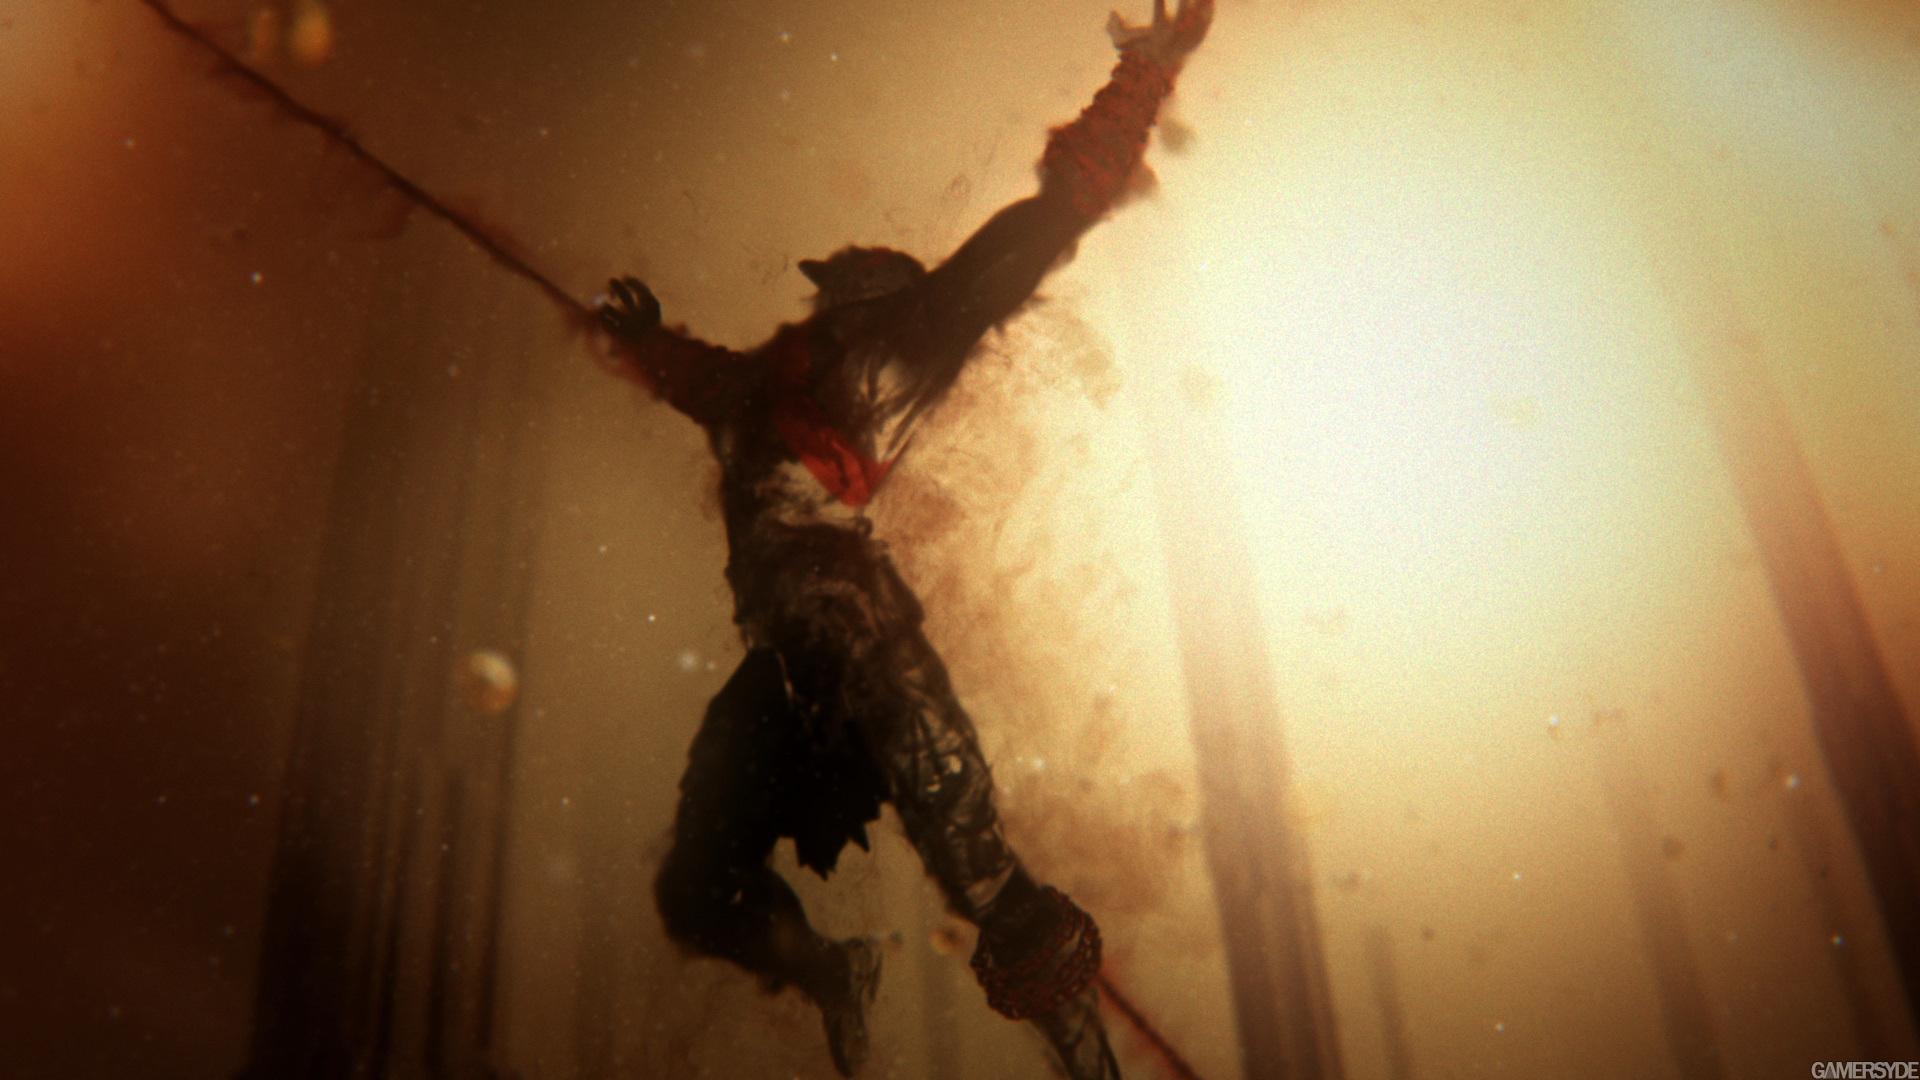 http://images.gamersyde.com/image_god_of_war_ascension-18962-2495_0008.jpg